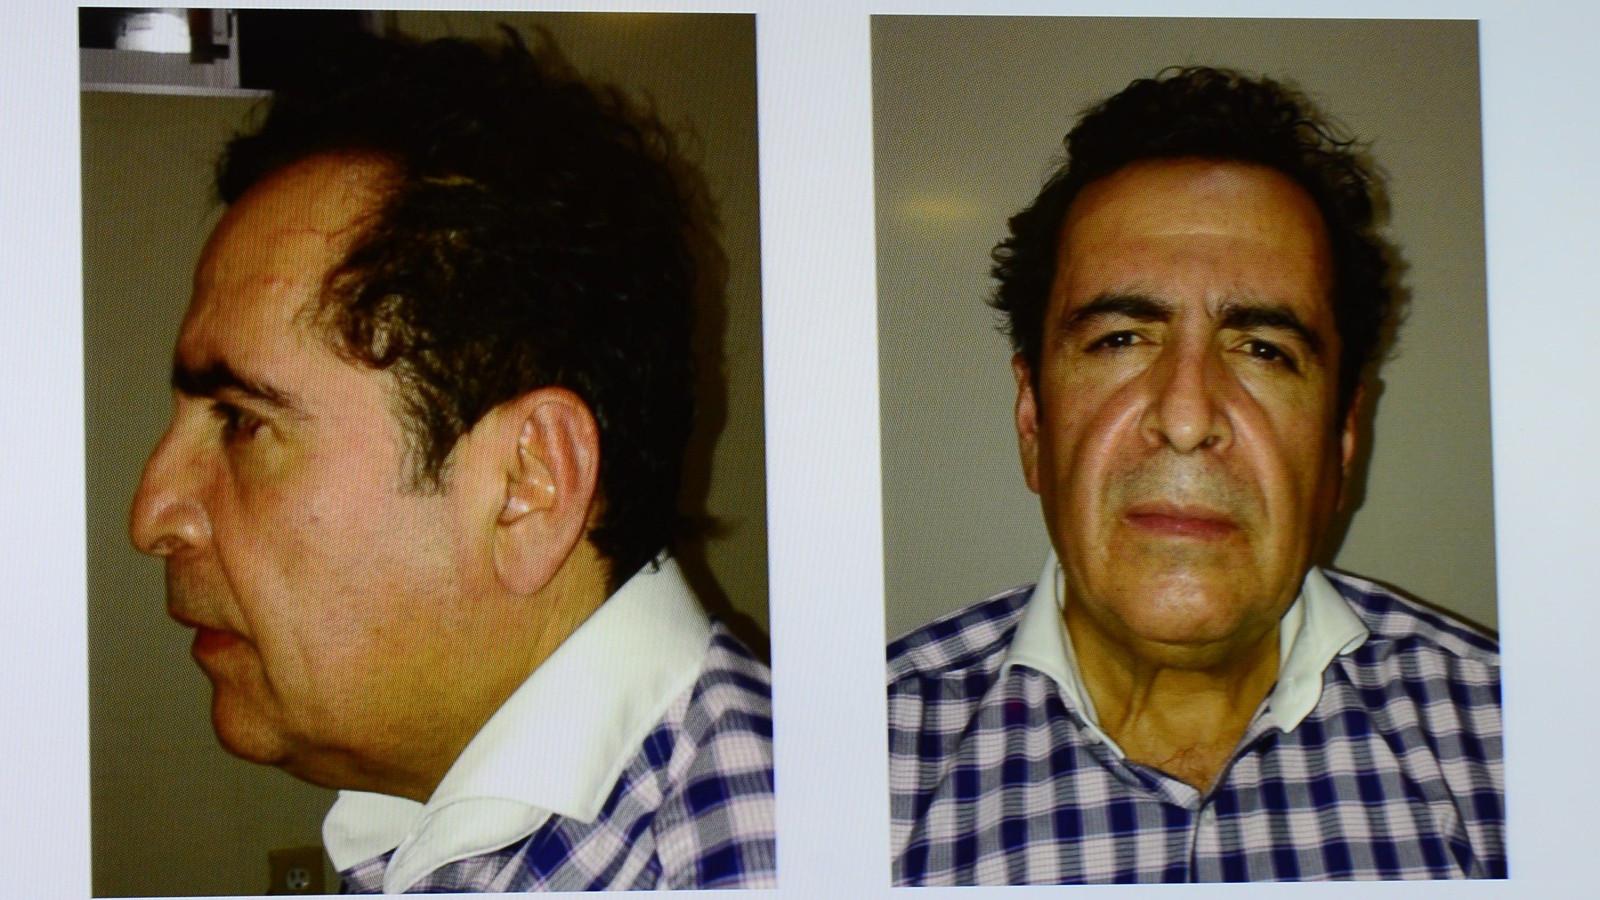 drug cartel leader hector beltran leyva arrested in mexico